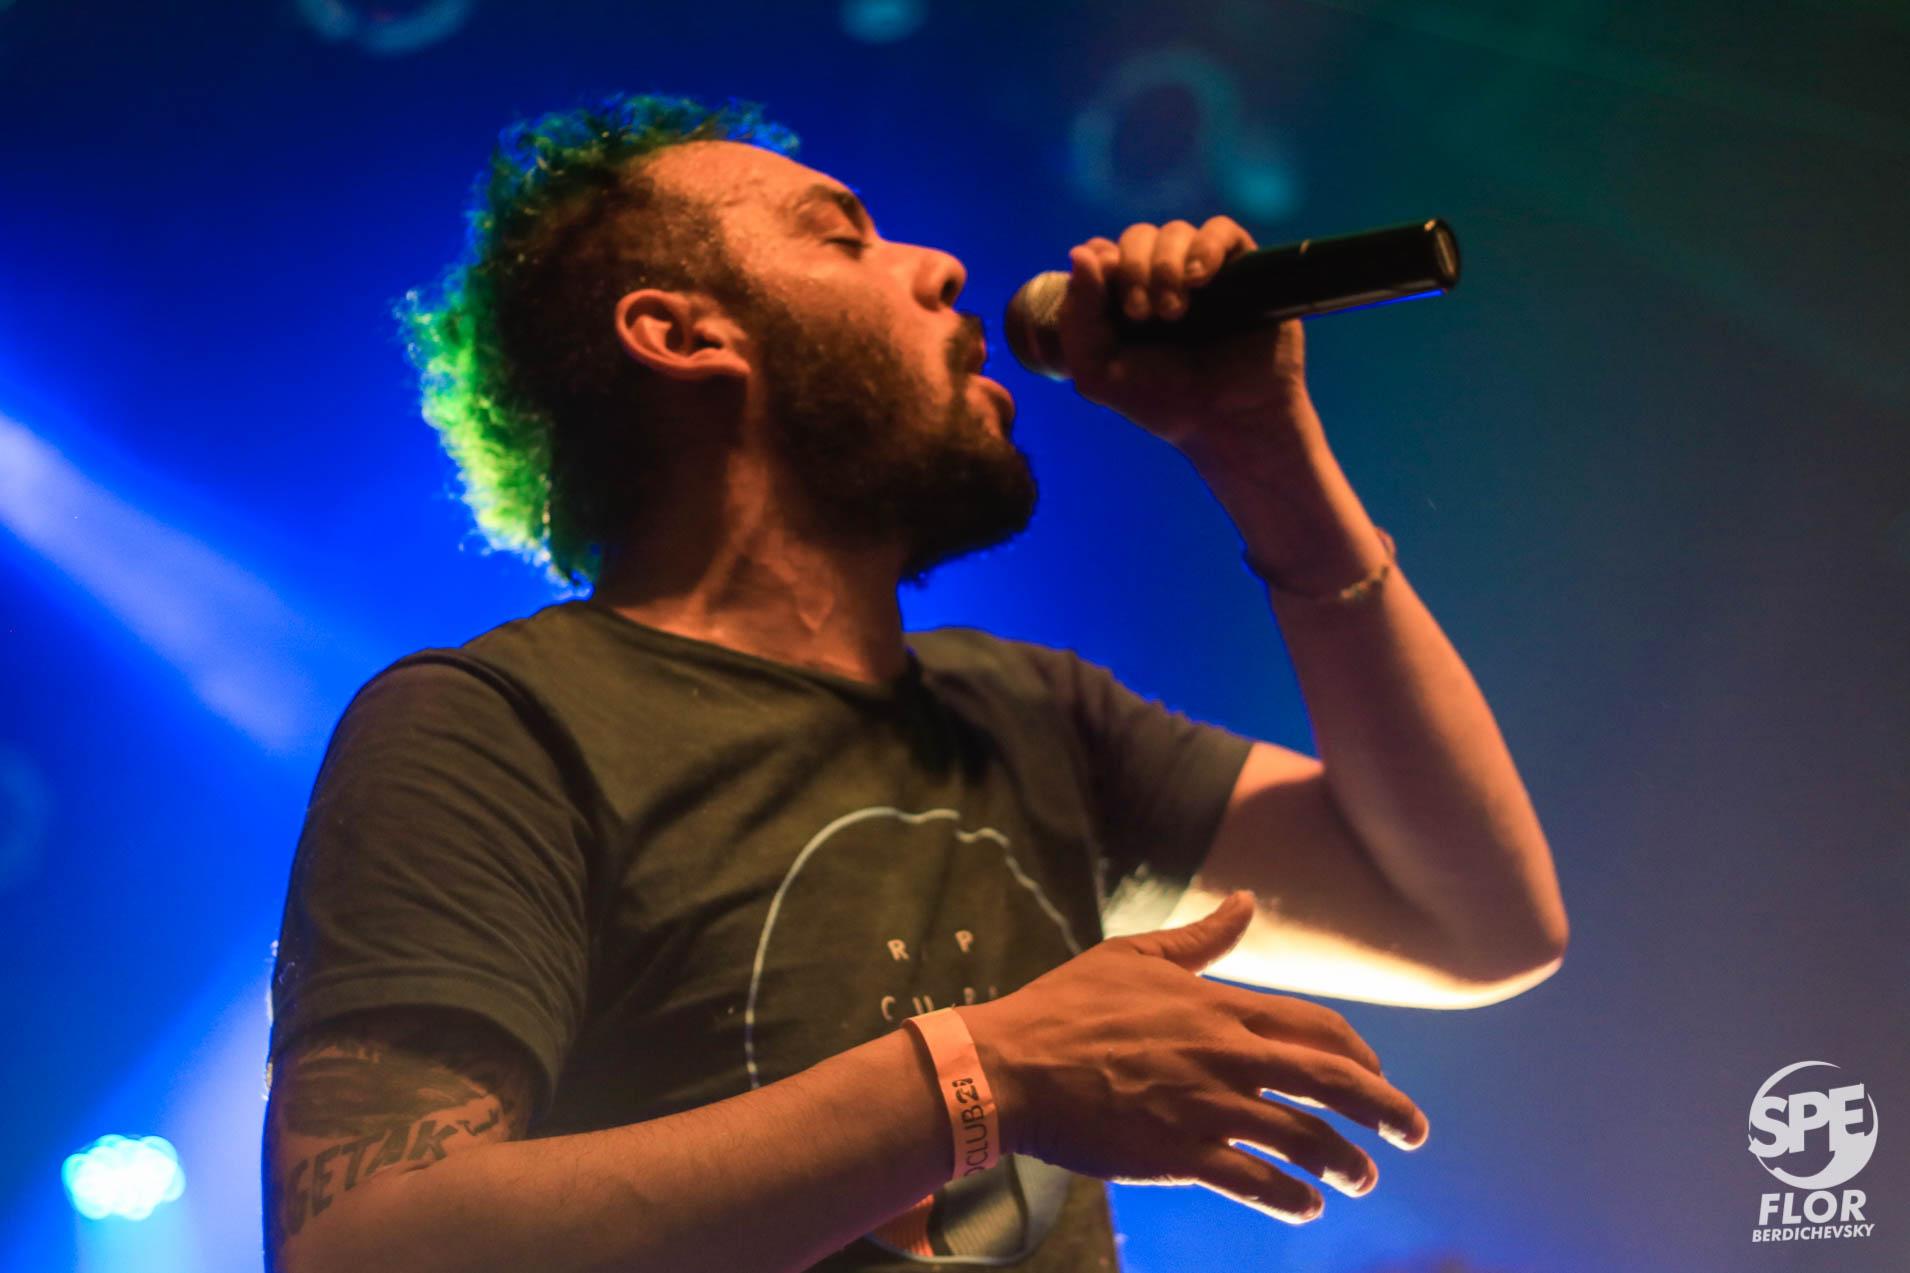 MUSTAFUNK - 01.06.19 @ NICETO CLUBLa banda, después de dos años sin presentarse en el venue, volvió a Niceto para repasar todo el groove de su discografía, incluída su última placa Culo (2018).